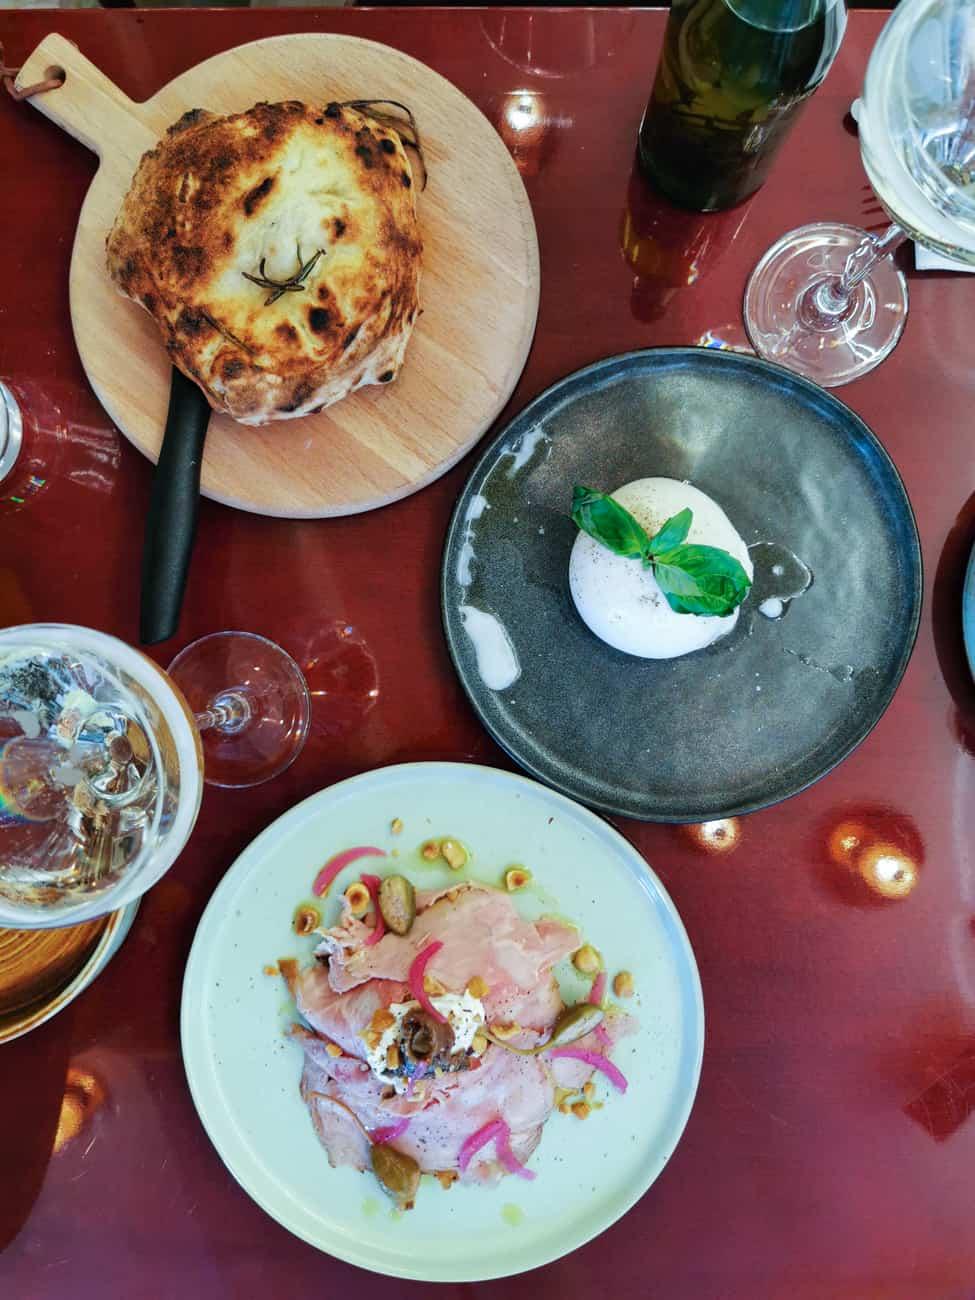 uno-restaurant-italien-pizzeria-les-halles-paris-5